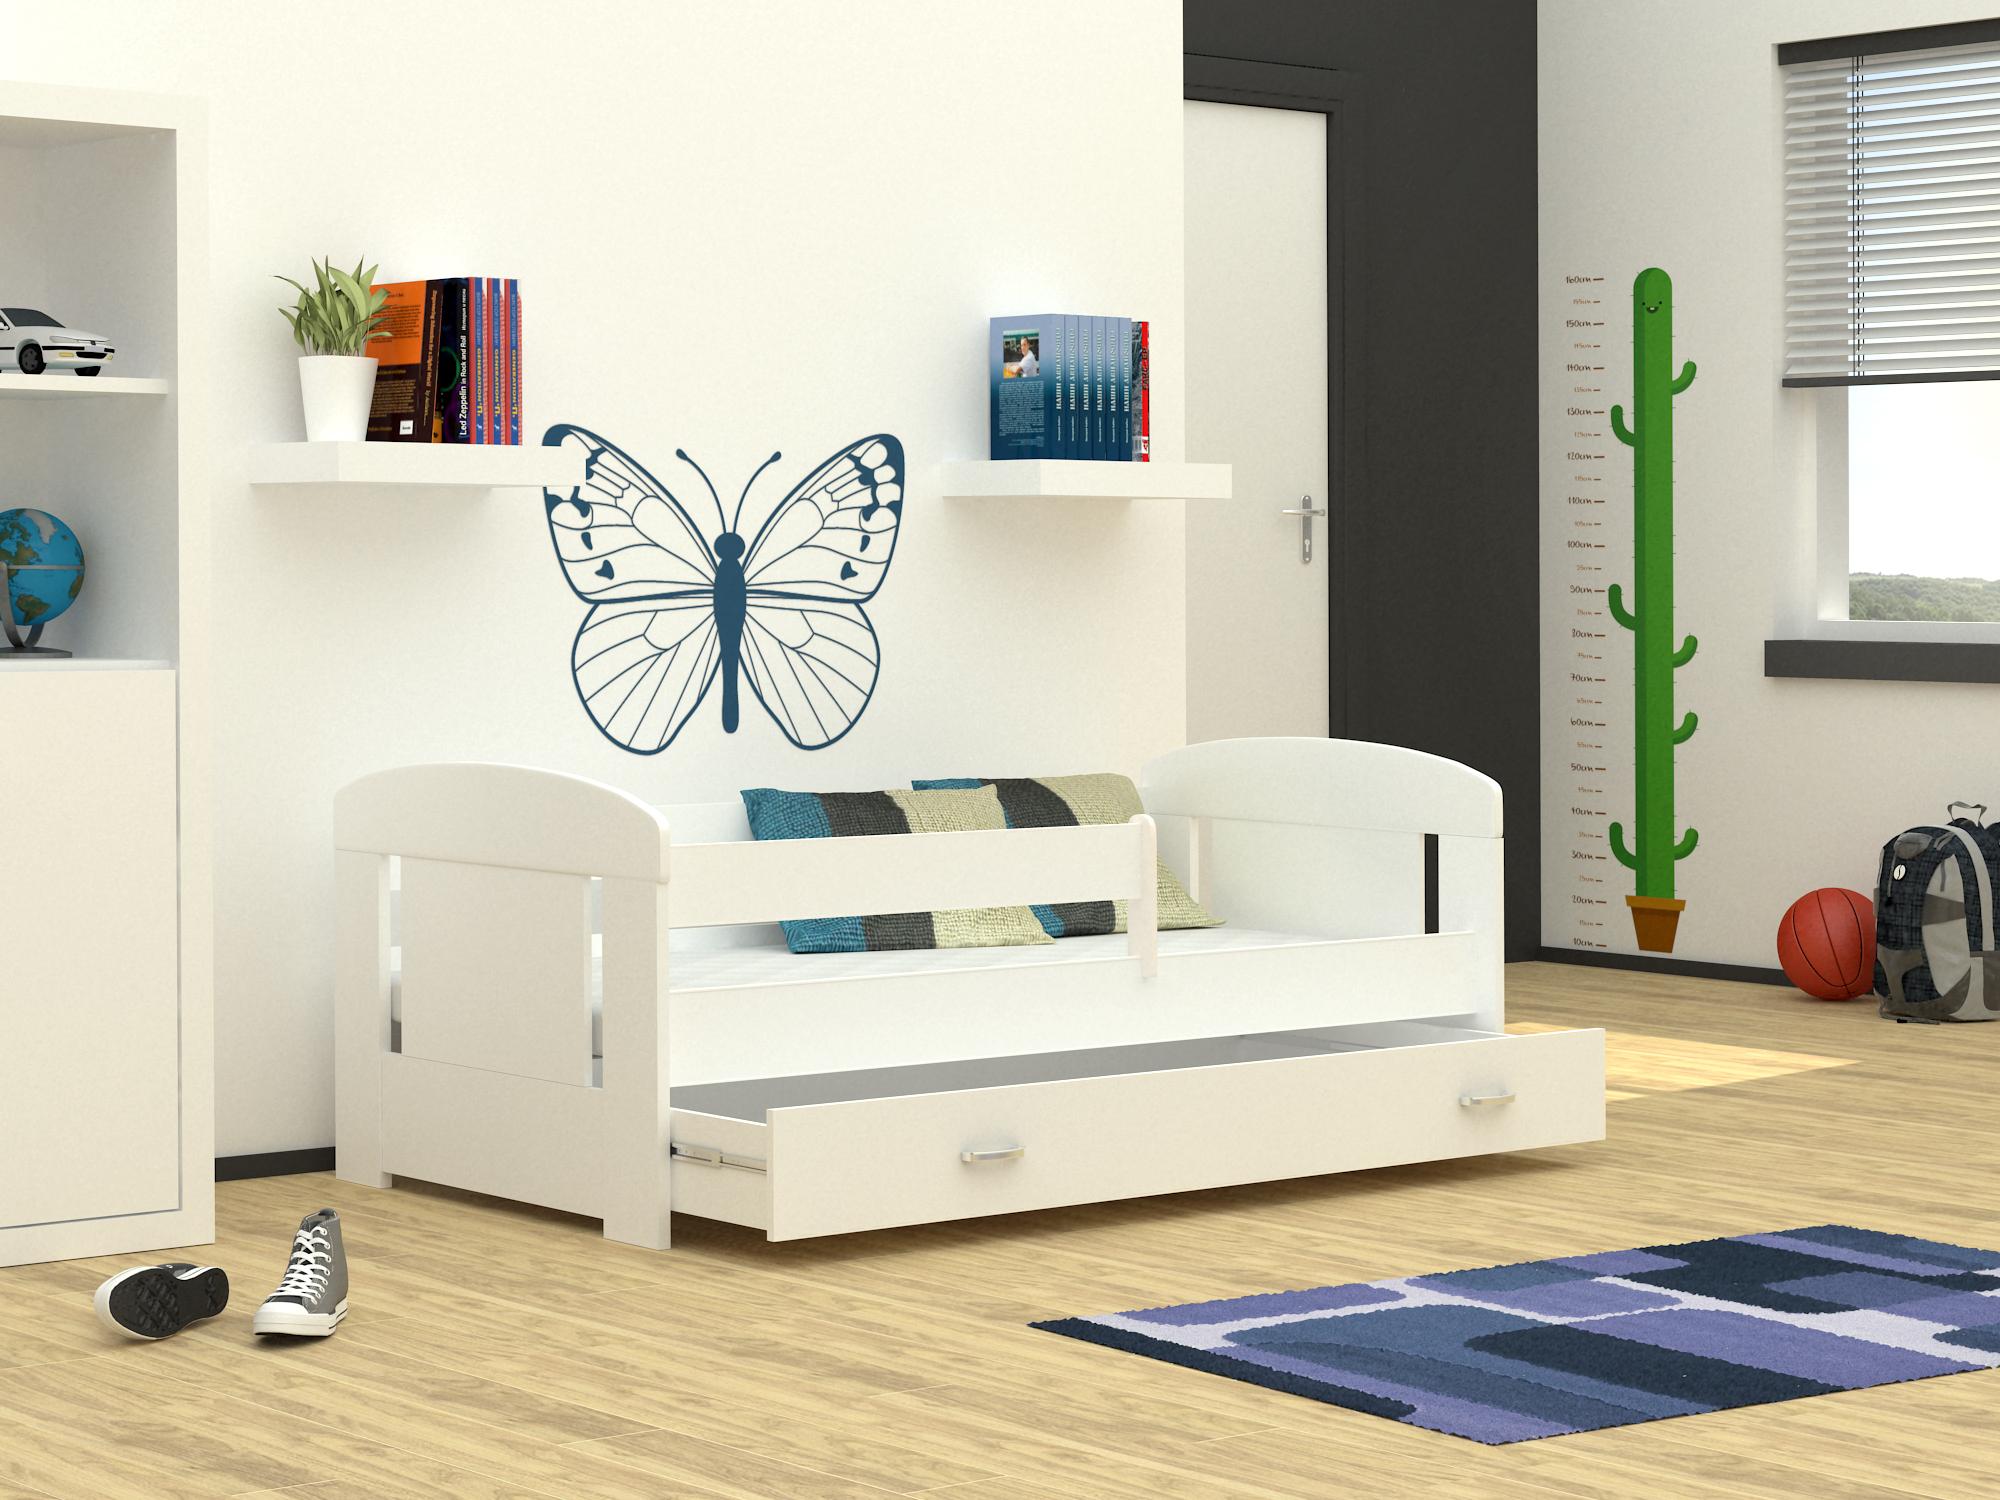 ArtAJ Detská posteľ FILIP COLOR / 180 x 80 cm Farba: Biela / biela